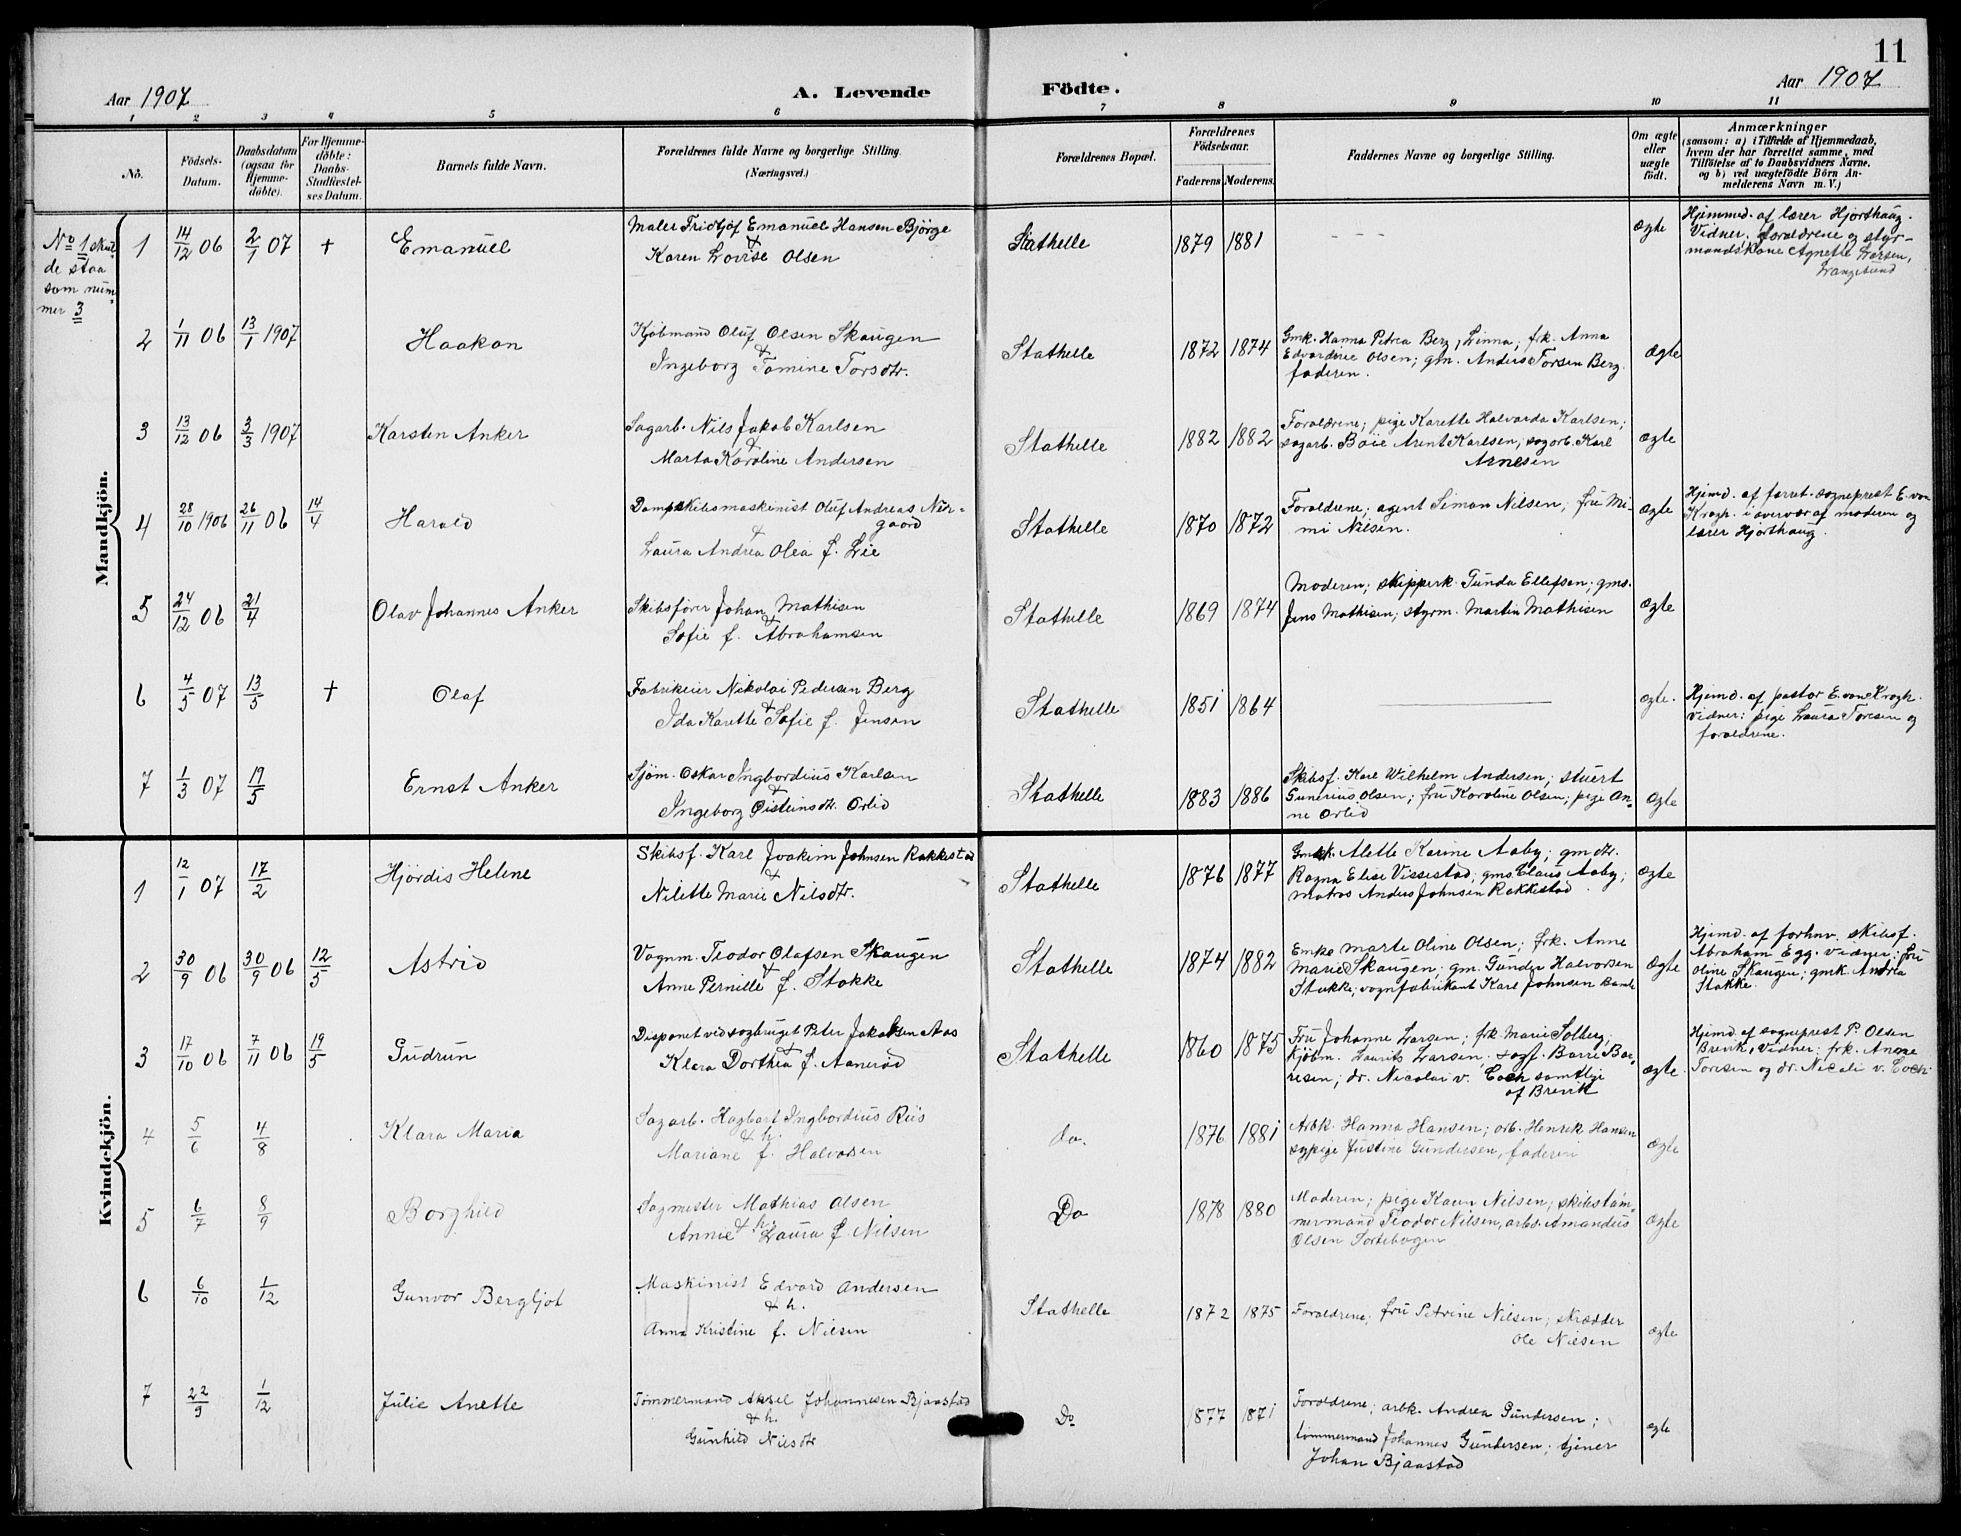 SAKO, Bamble kirkebøker, G/Gb/L0002: Klokkerbok nr. II 2, 1900-1925, s. 11